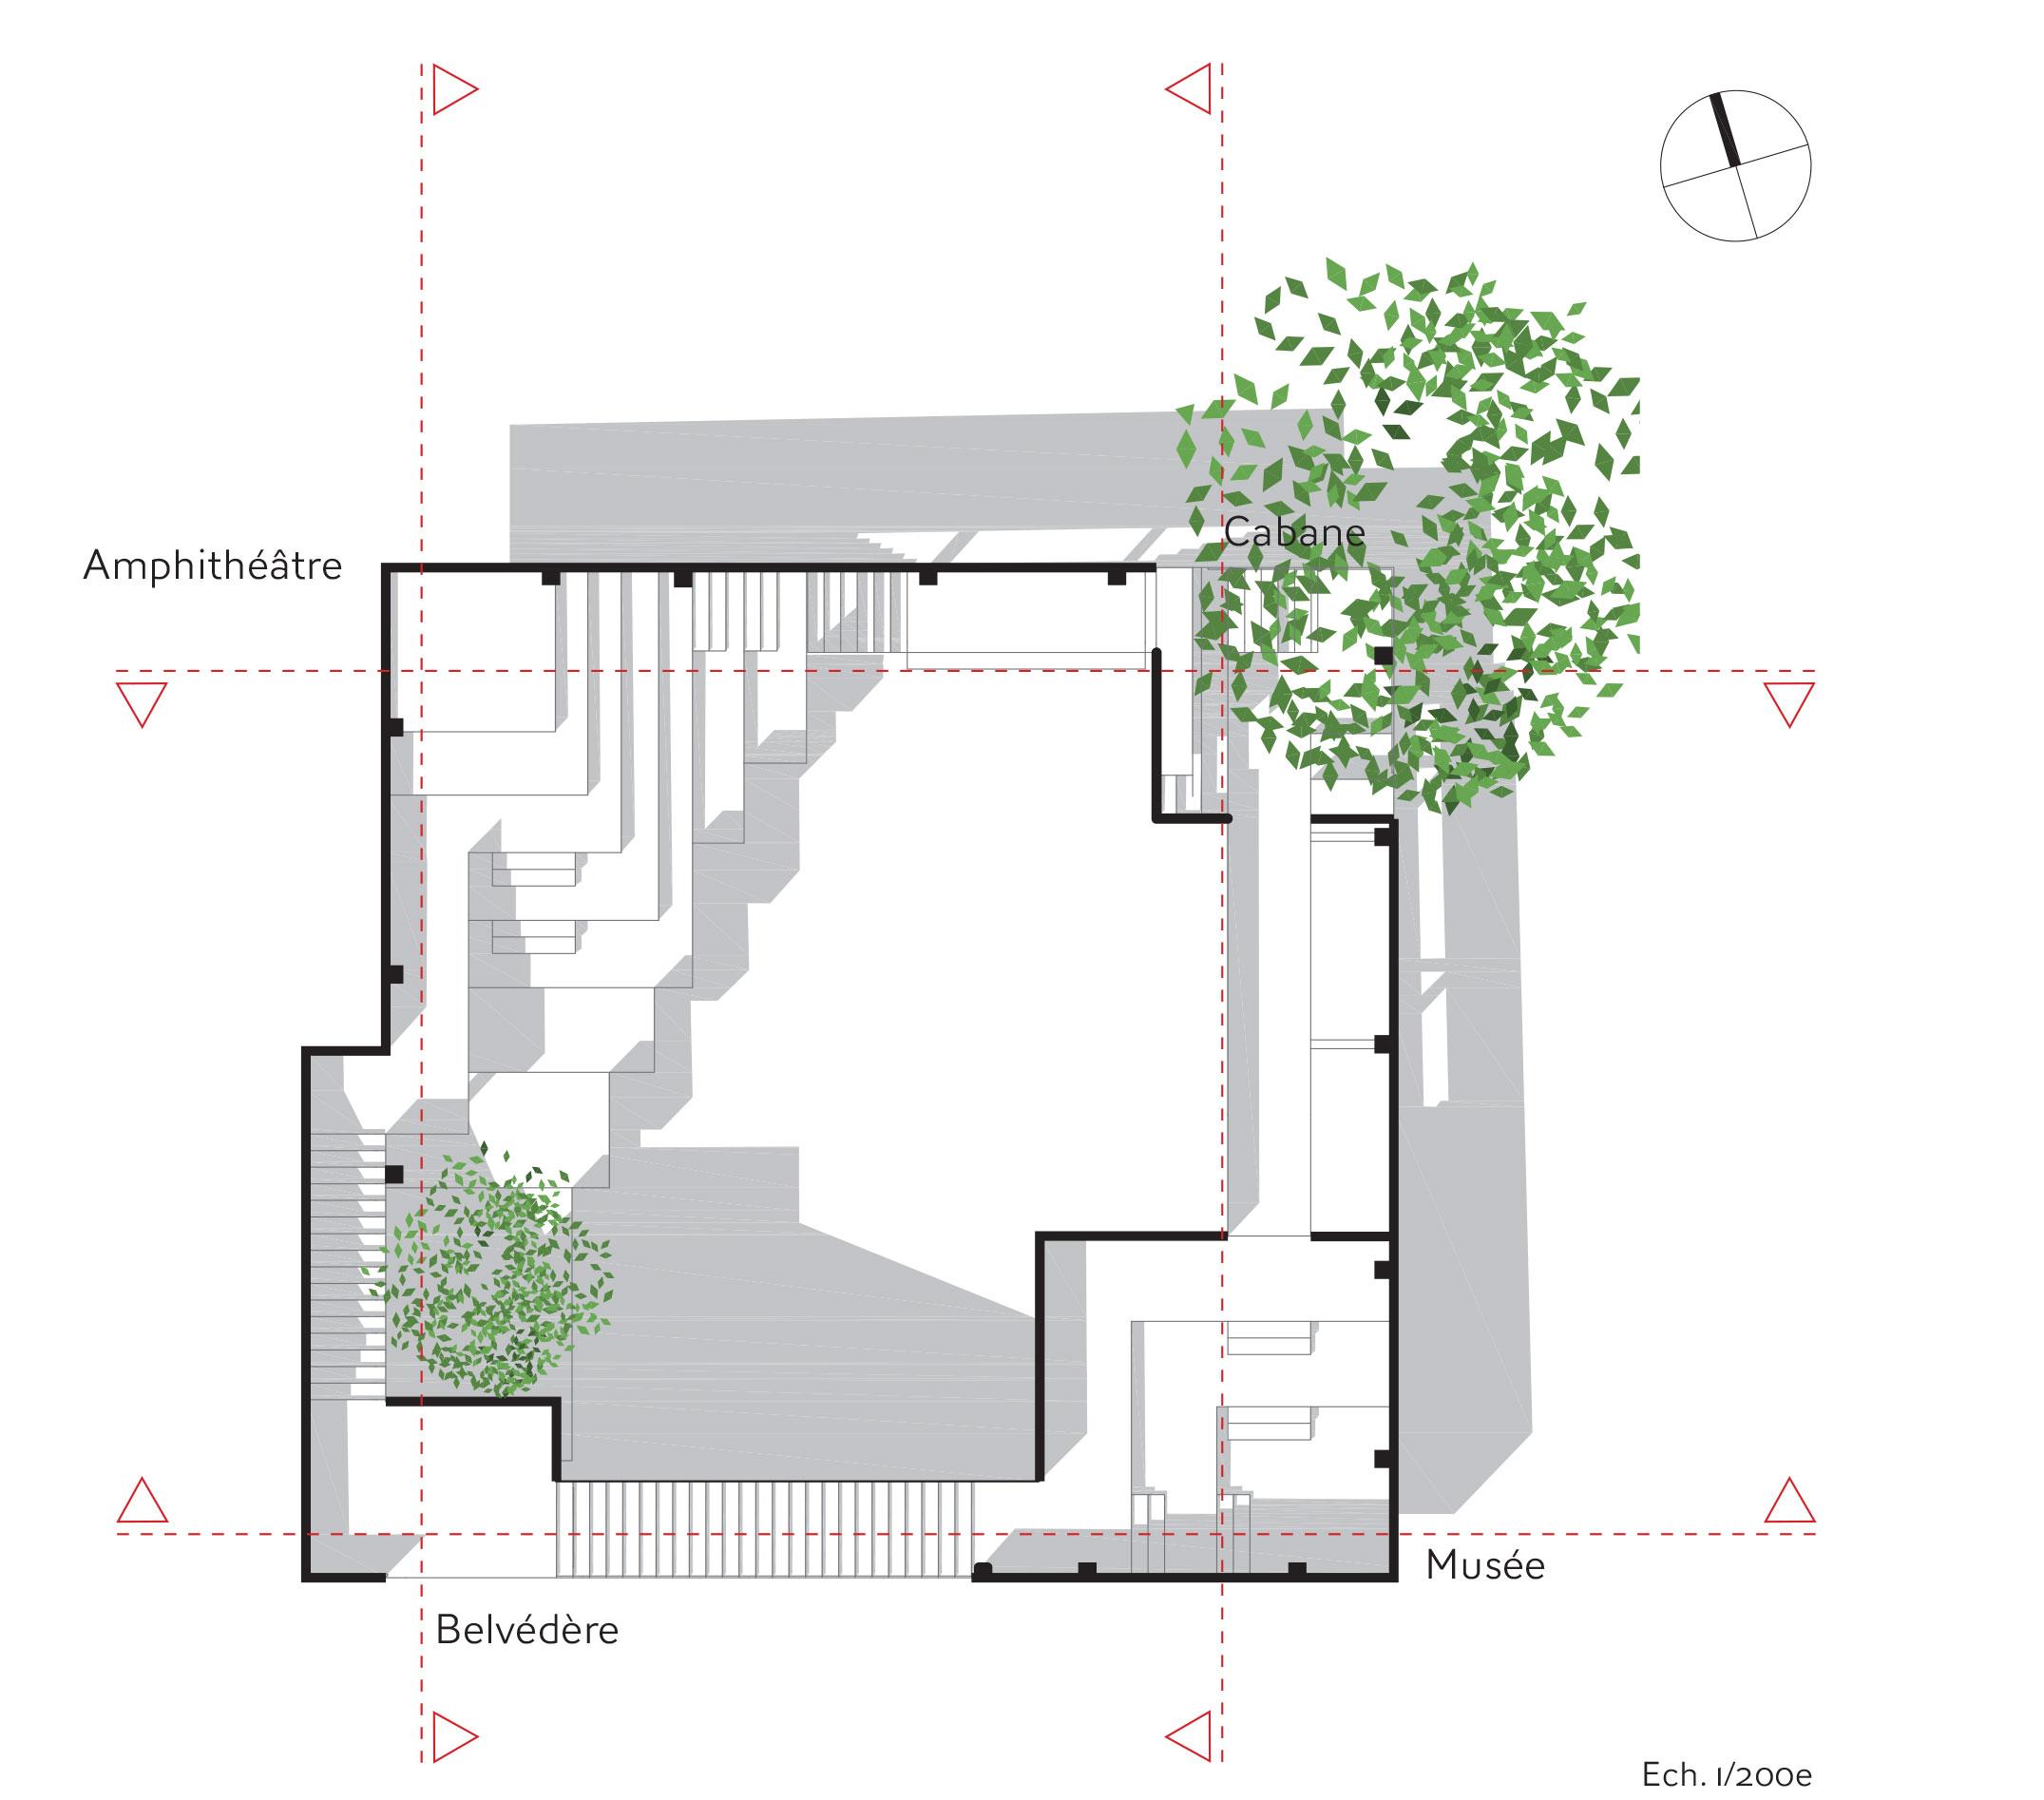 climax ar studio d'architectures maison de l'architecture (6).jpg